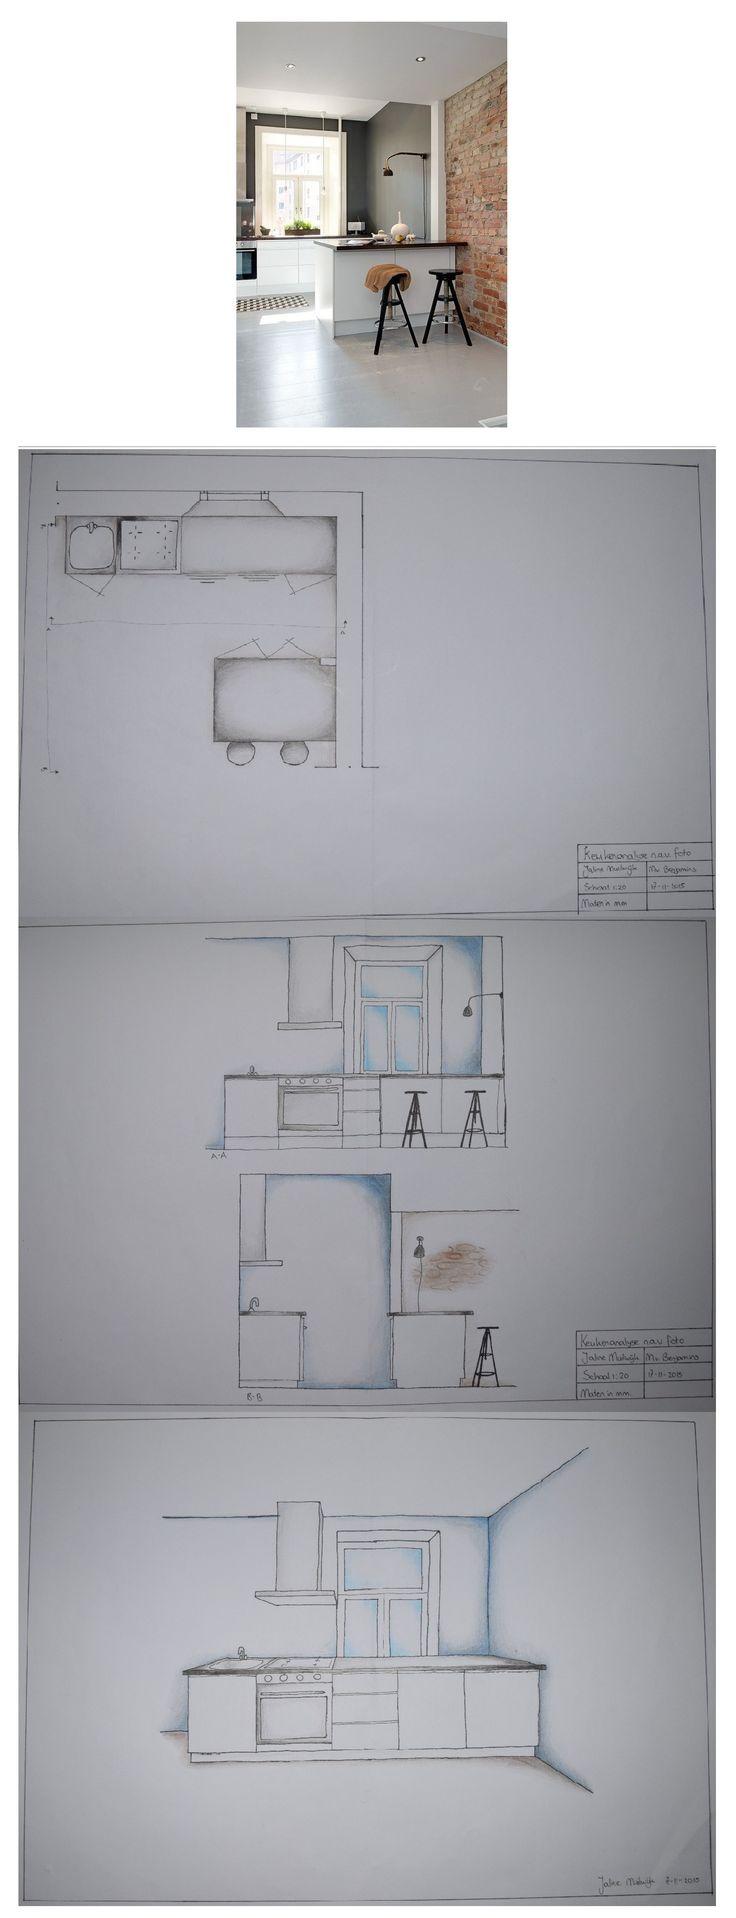 Leerjaar 1 - Interieur Tekenen - Dit was een moeilijke maar leuke opdracht. Iedereen kreeg een foto en na aanleiding daarvan moest je de maten van de keuken gokken, er een plattegrond van maken, aanzichten en een perspectieftekening.